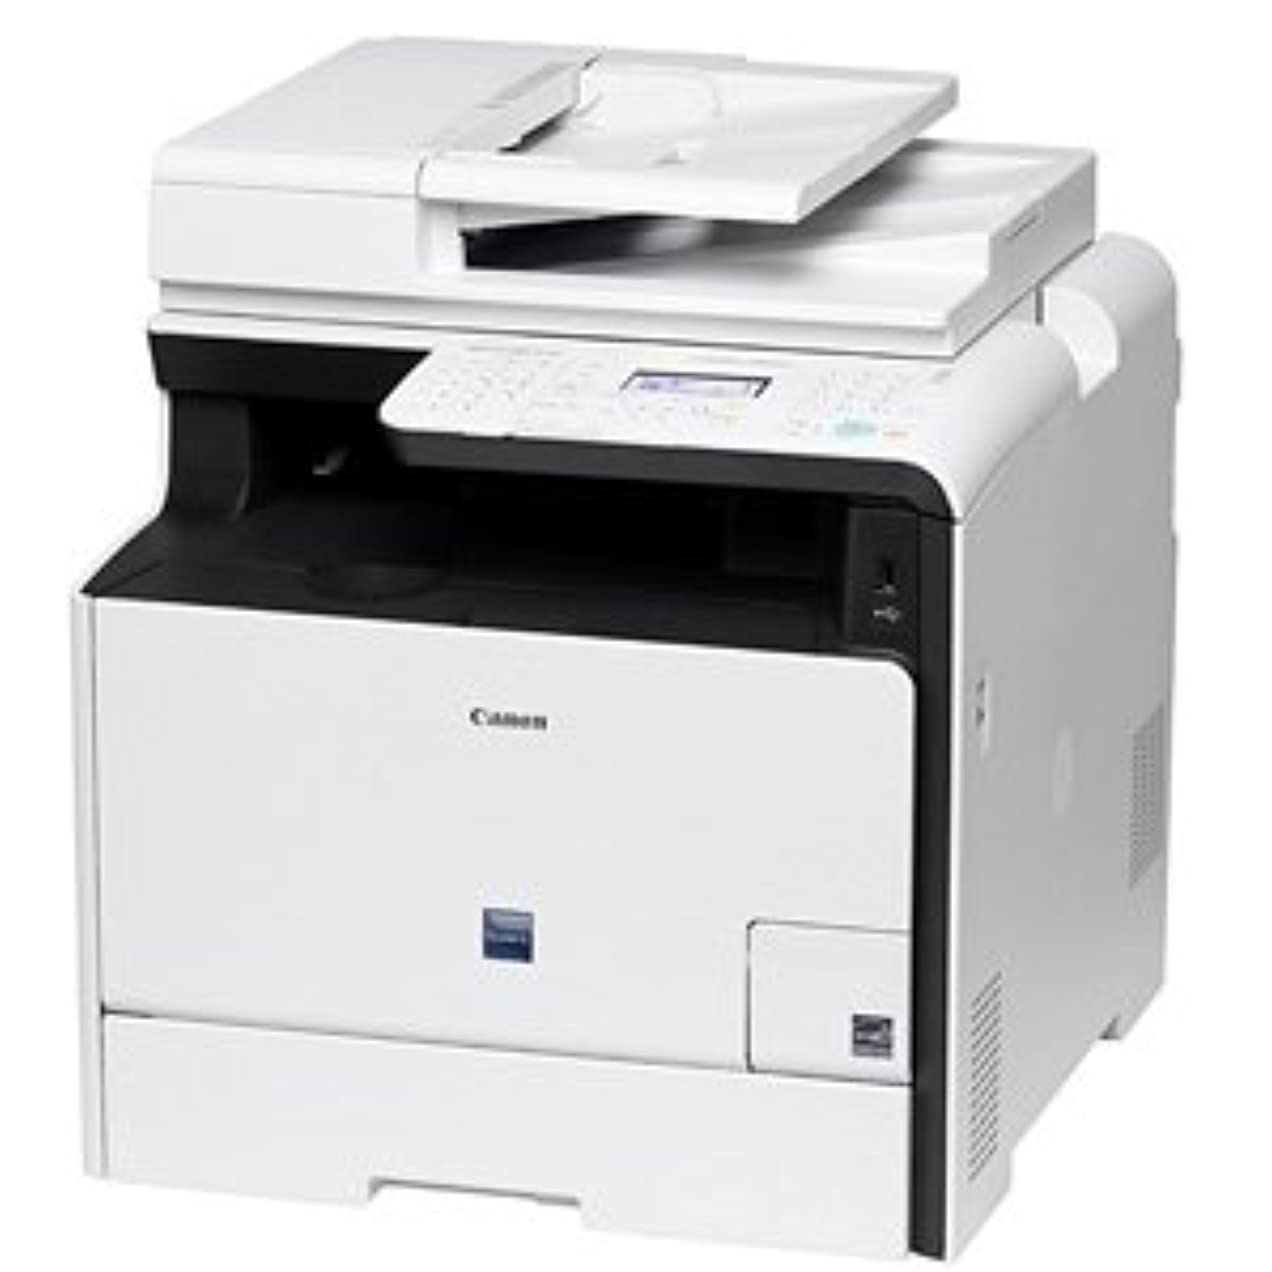 テーマティッシュミキサーCanon レーザープリンタ複合機 Satera MF8330Cdn A4カラー対応 A4カラー20枚/分,A4モノクロ20枚/分 給紙枚数標準250枚 ネットワーク対応 両面印刷対応